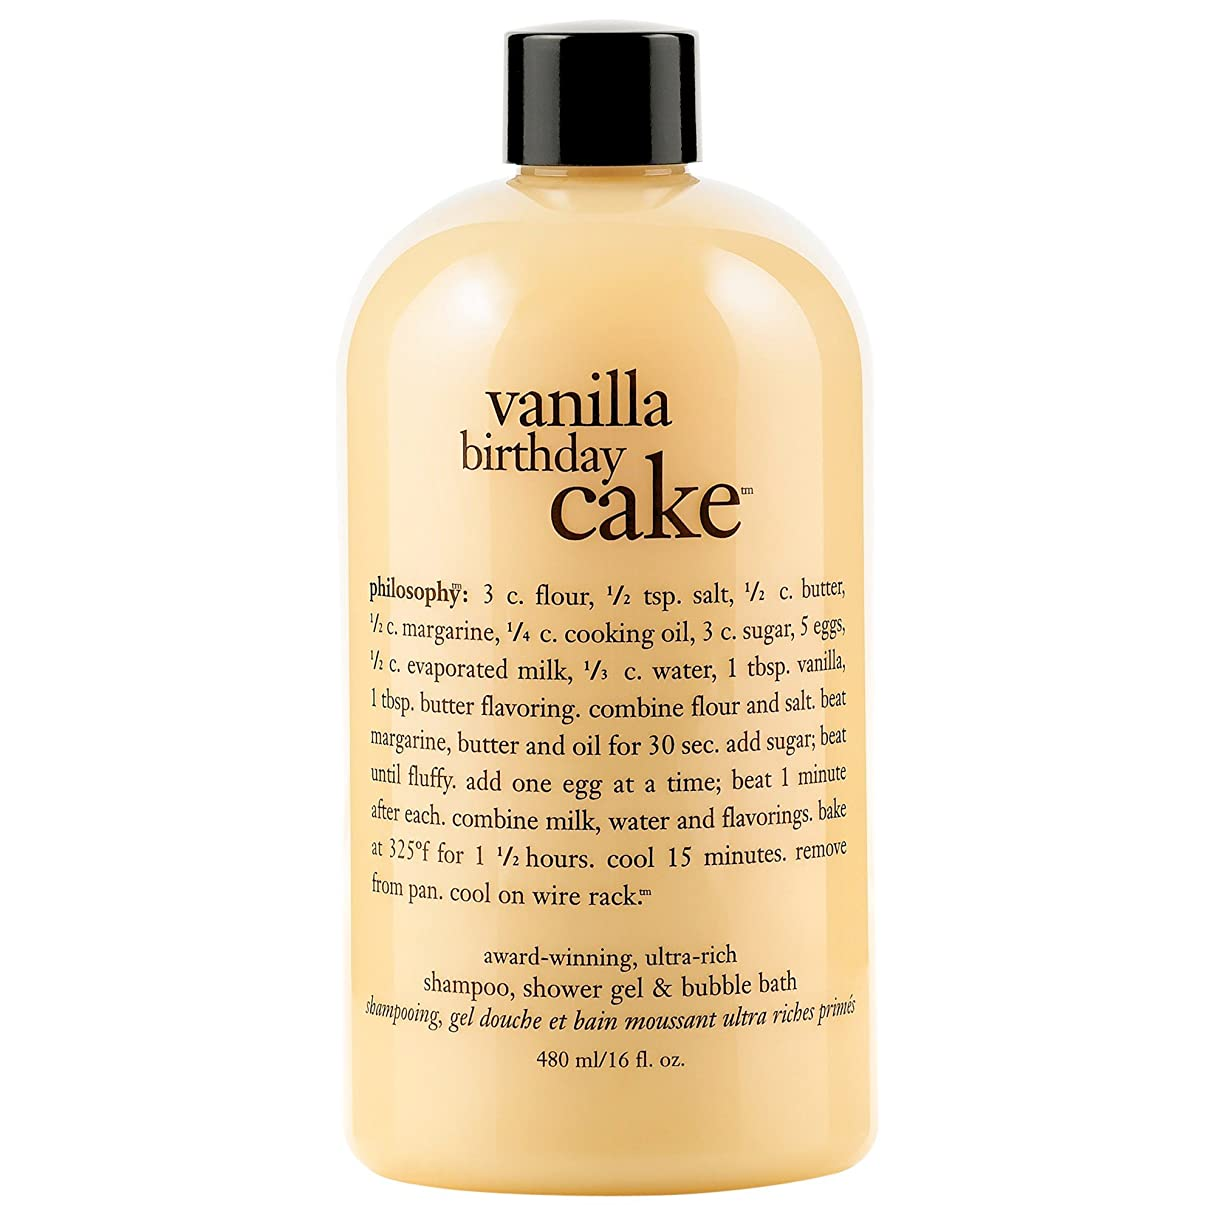 失サーバント銀哲学バニラバースデーケーキシャンプー/シャワージェル/バブルバス480ミリリットル (Philosophy) (x6) - Philosophy Vanilla Birthday Cake Shampoo/Shower Gel/Bubble Bath 480ml (Pack of 6) [並行輸入品]